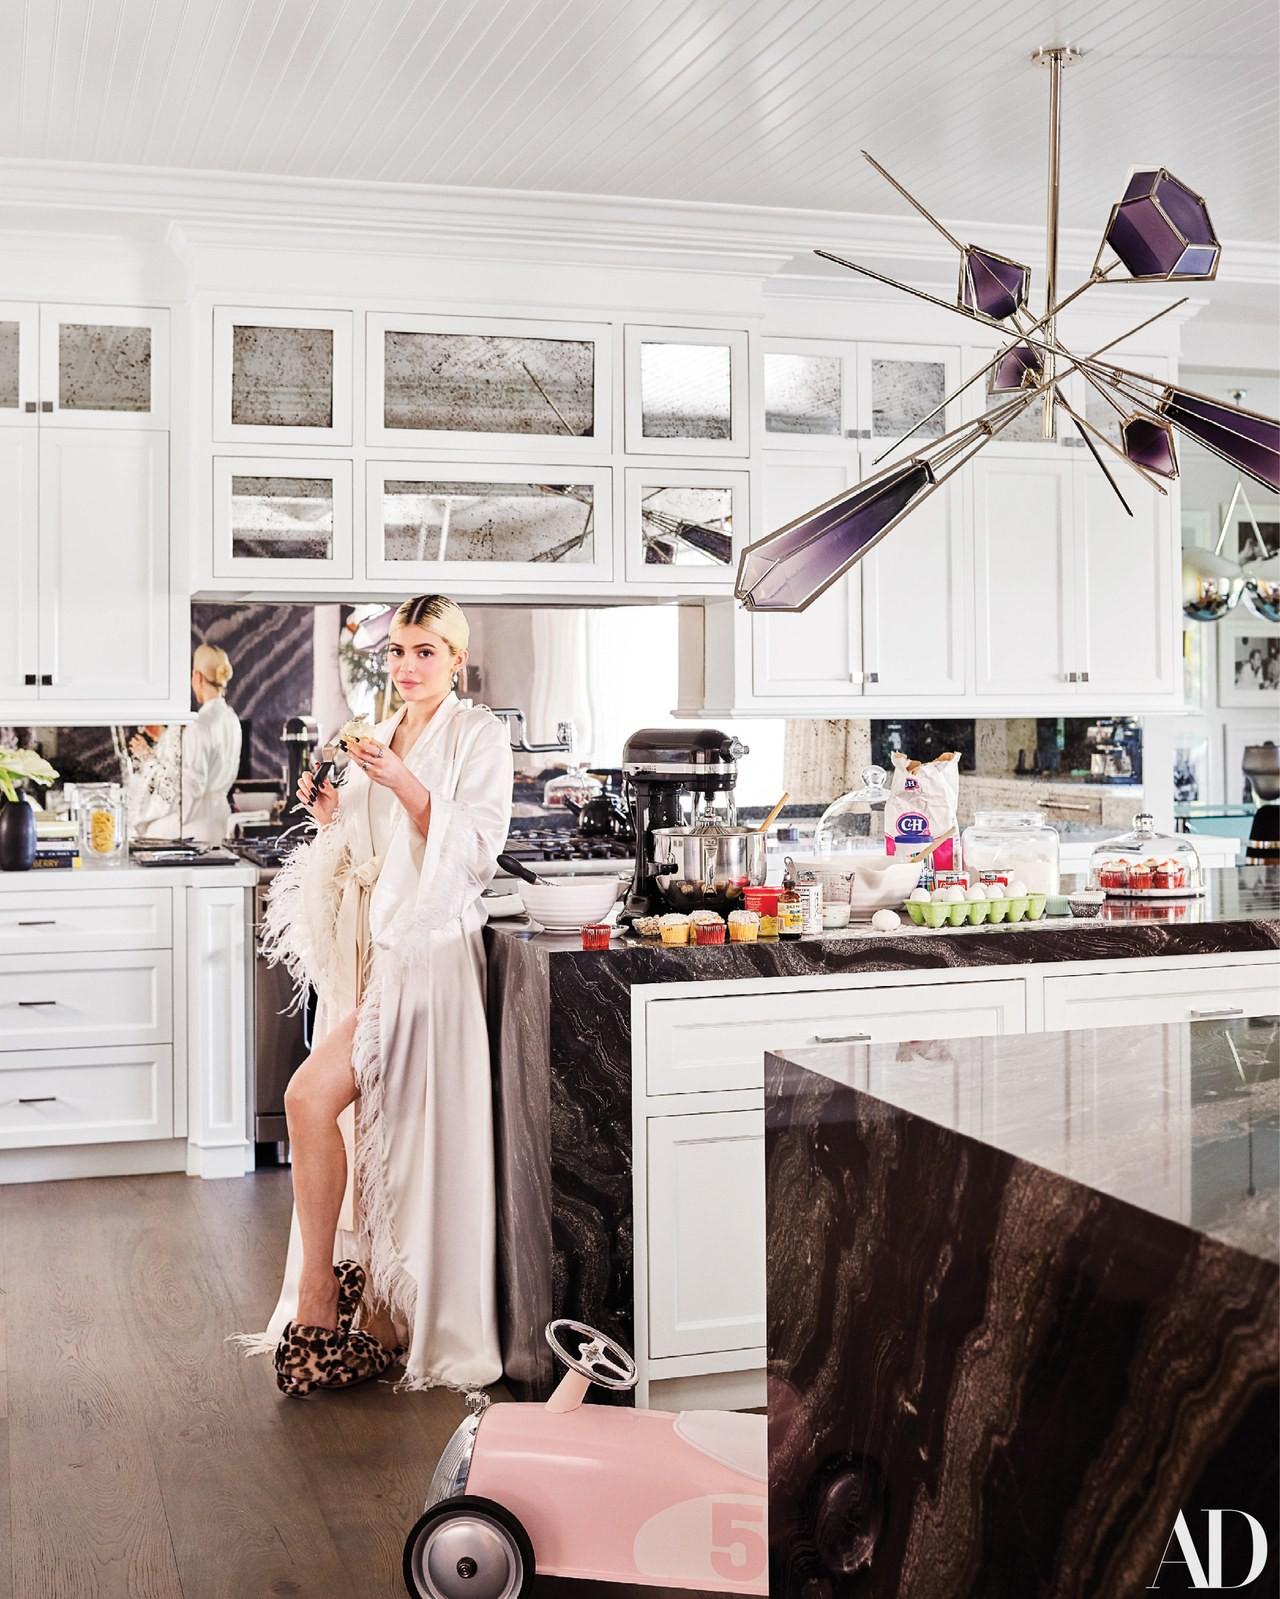 Giàu có và sành điệu như Kylie Jenner: Đến khăn tắm cũng phải là đồ hiệu Louis Vuitton, chi hơn 200 triệu chỉ để lau người - Ảnh 2.